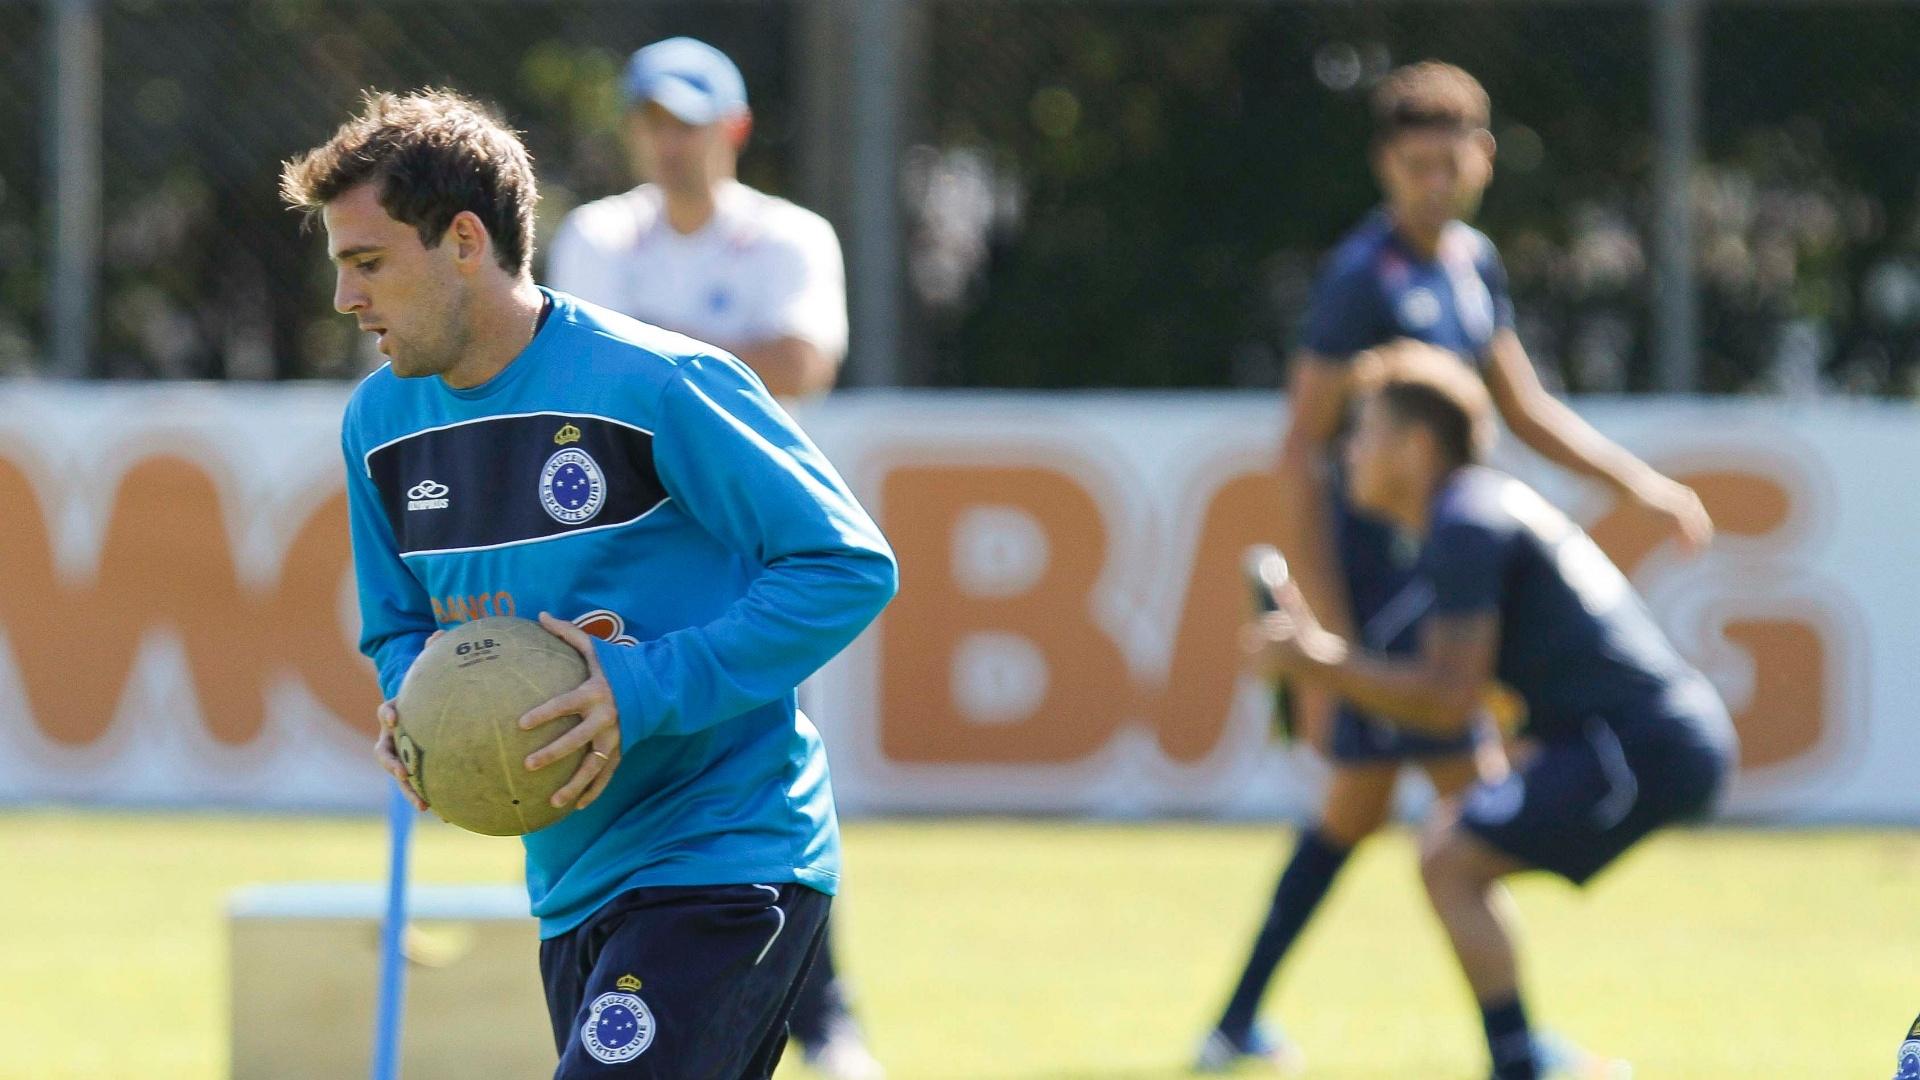 Montillo com a bola durante treino do Cruzeiro na Toca da Raposa II